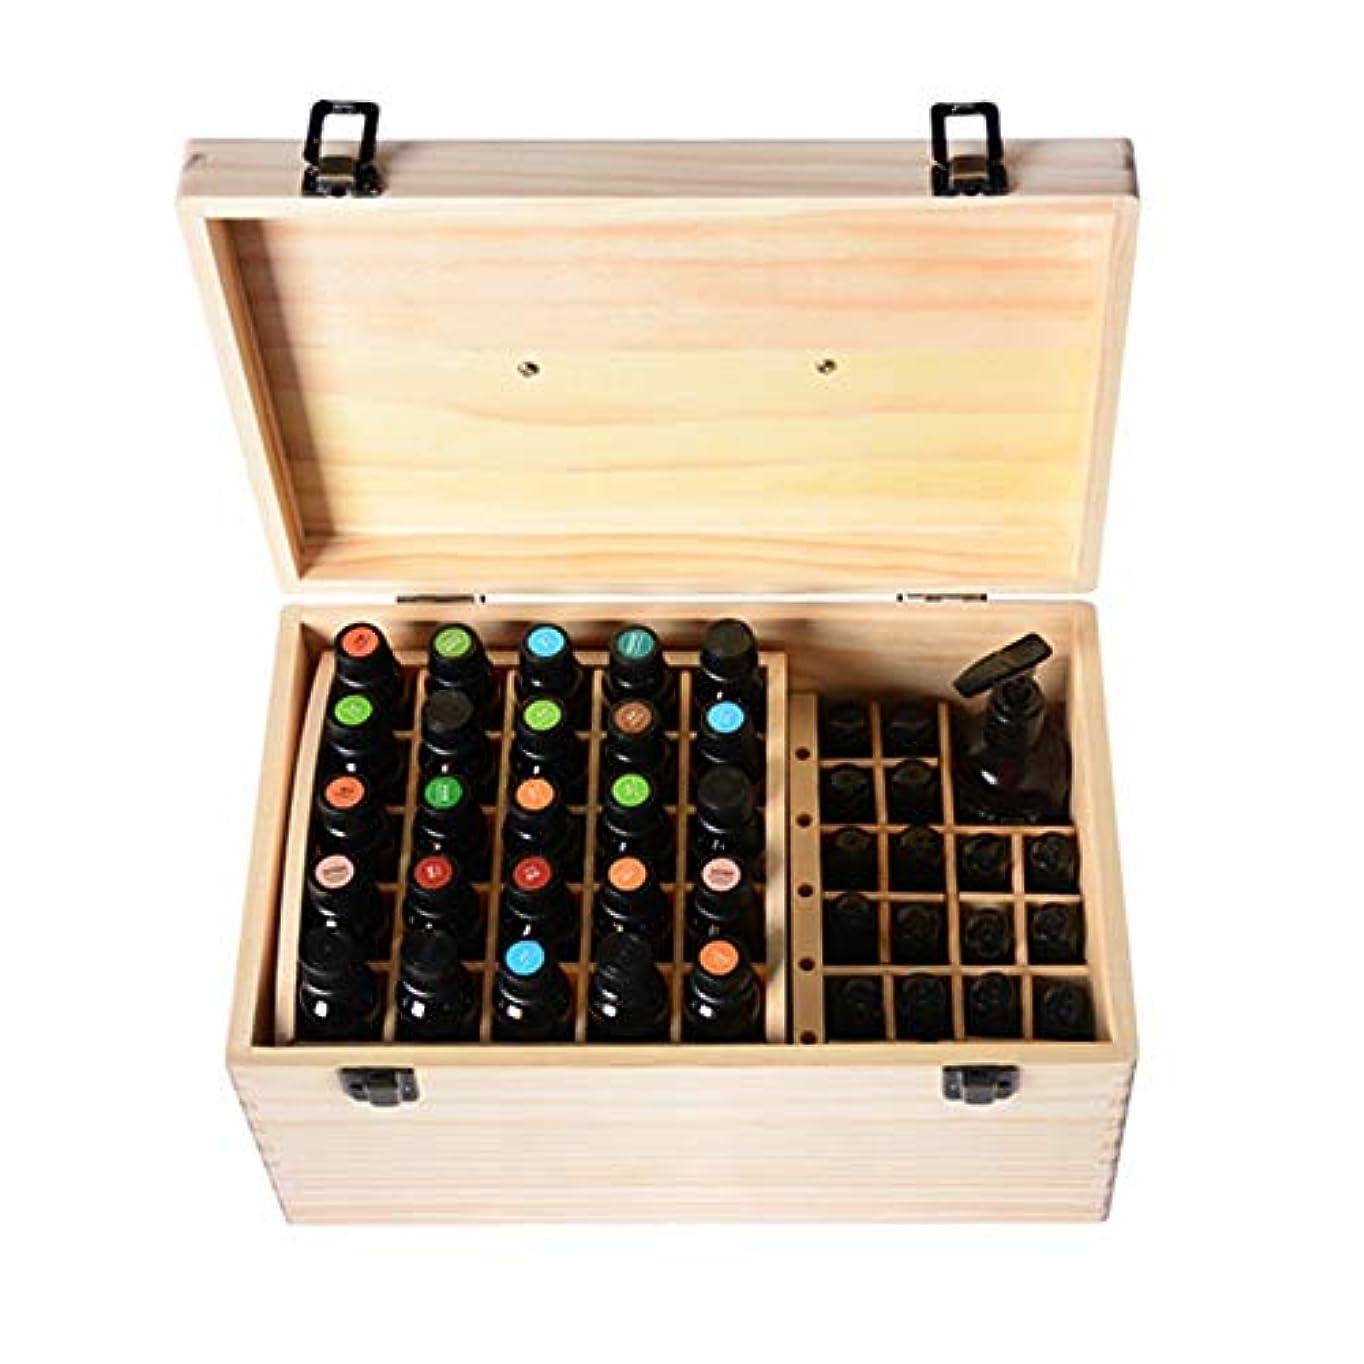 溶けたゲージ獣74スロット木エッセンシャルオイルボックス収納ケース内部のリムーバブルは15/10 M1のボトルナチュラルパインを開催します アロマセラピー製品 (色 : Natural, サイズ : 35X20X16.5CM)